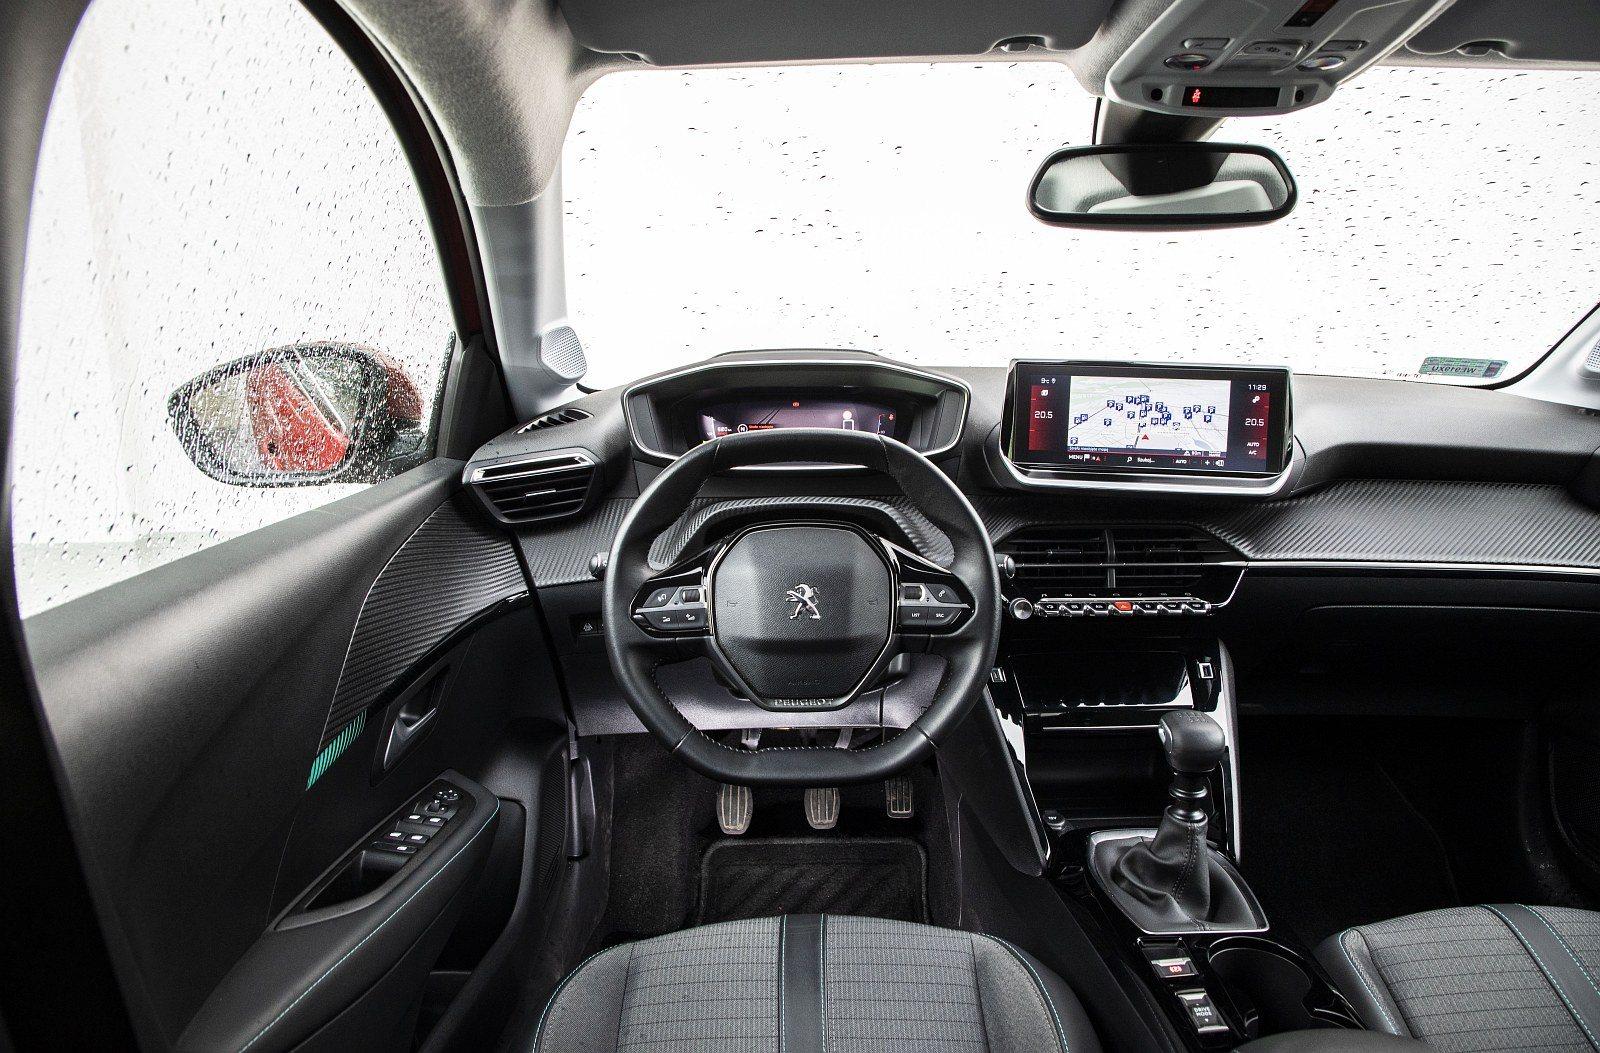 Peugeot 208 1.2 PureTech 100 - kokpit, deska rozdzielcza